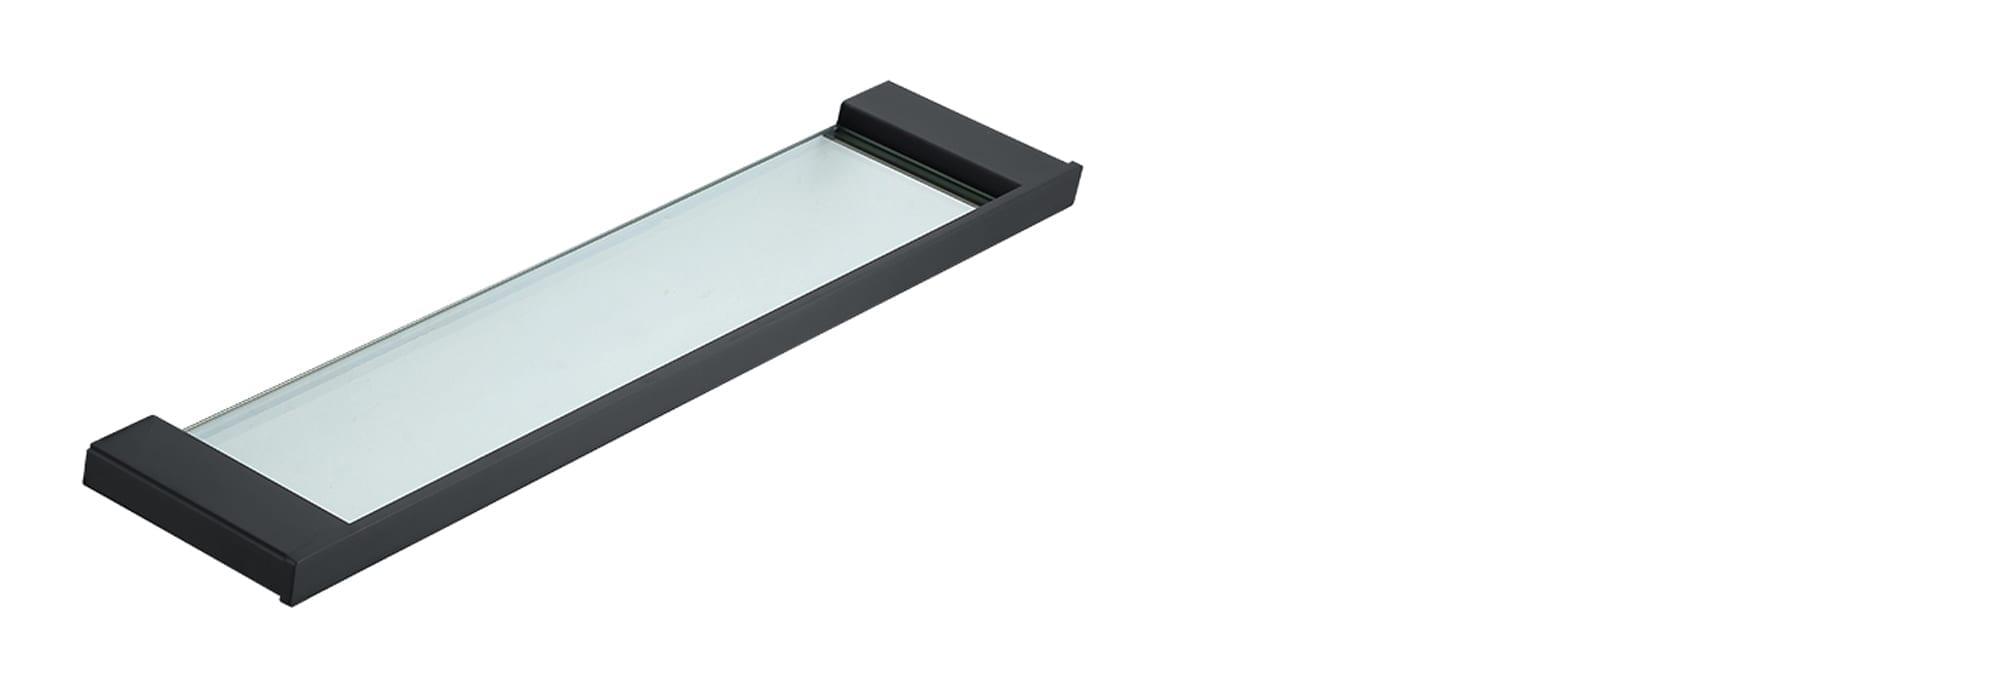 מדף זכוכית מינימל שחור by Milstone